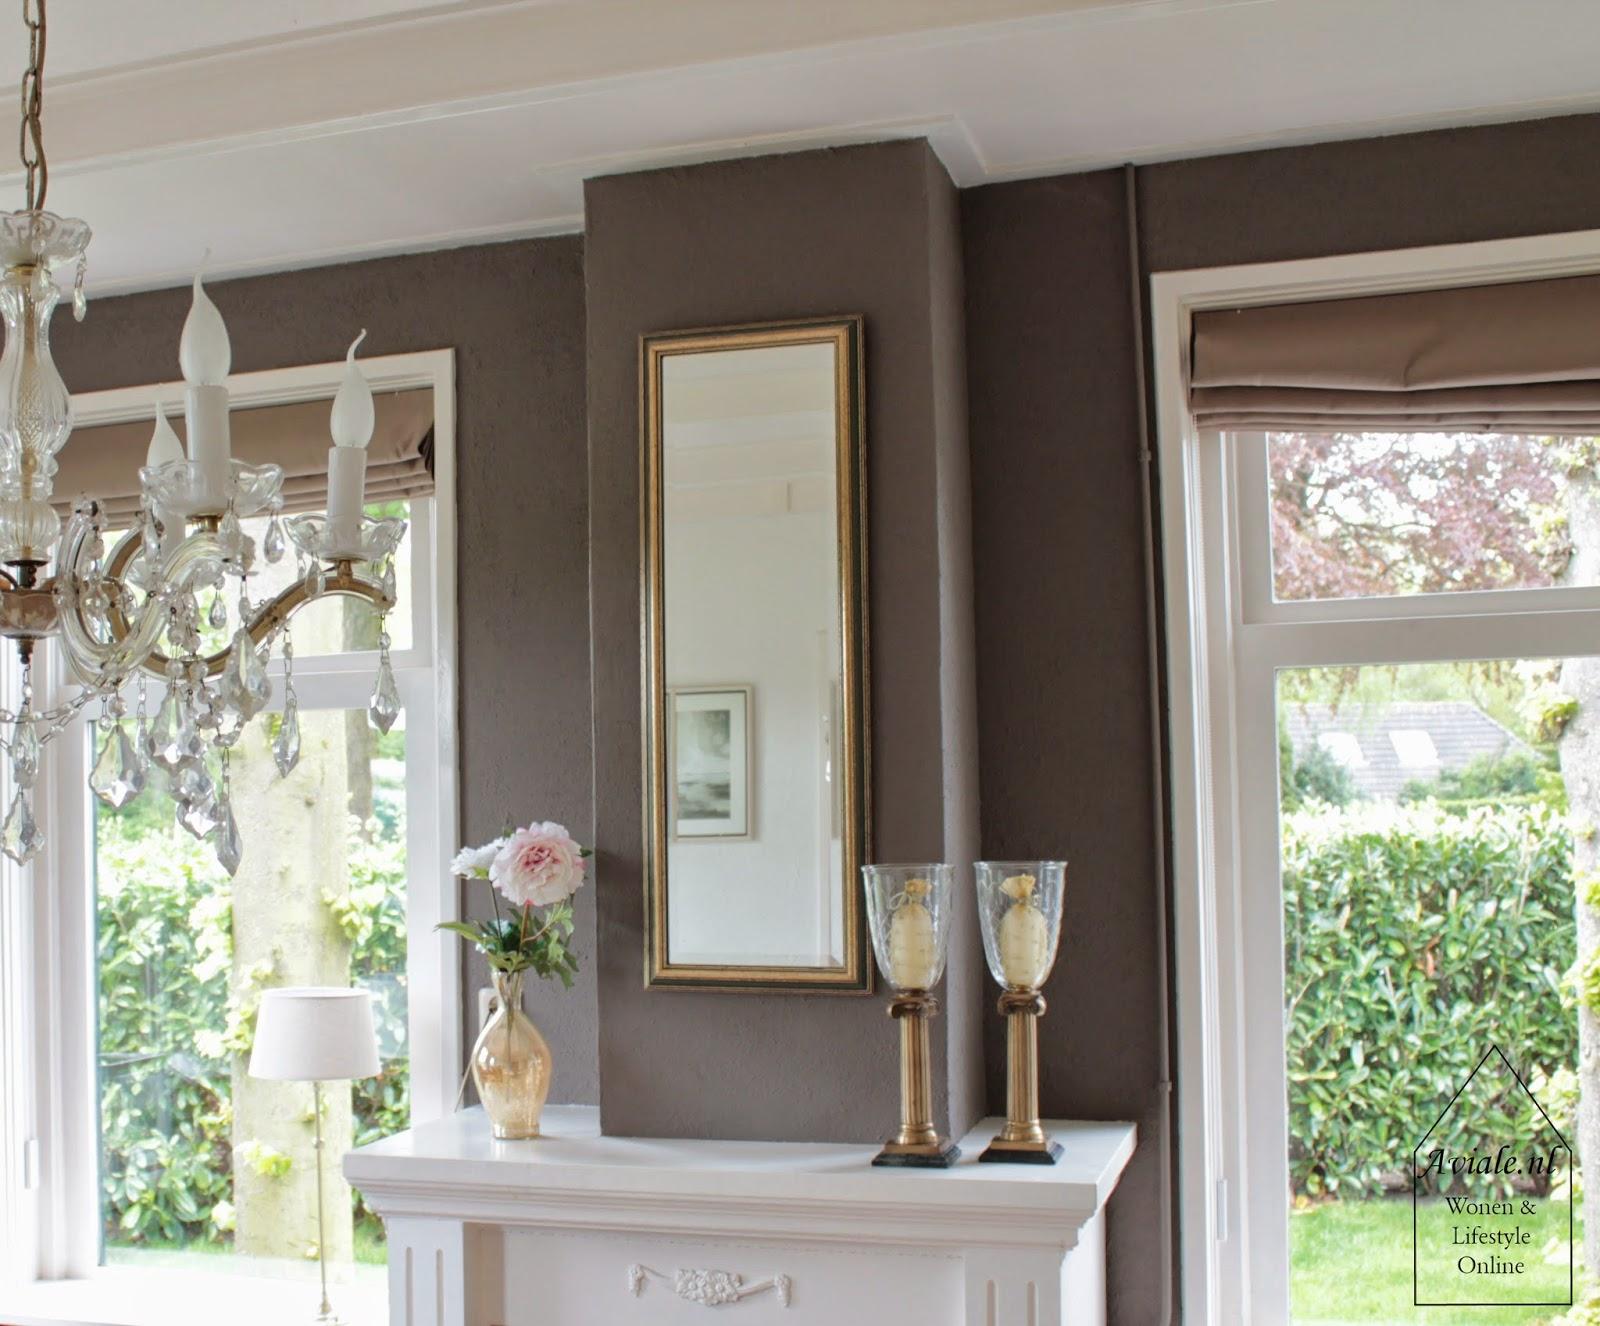 Bruine Slaapkamer Muur : Grijze muur bruine meubels donkere muur roomed with grijze muur